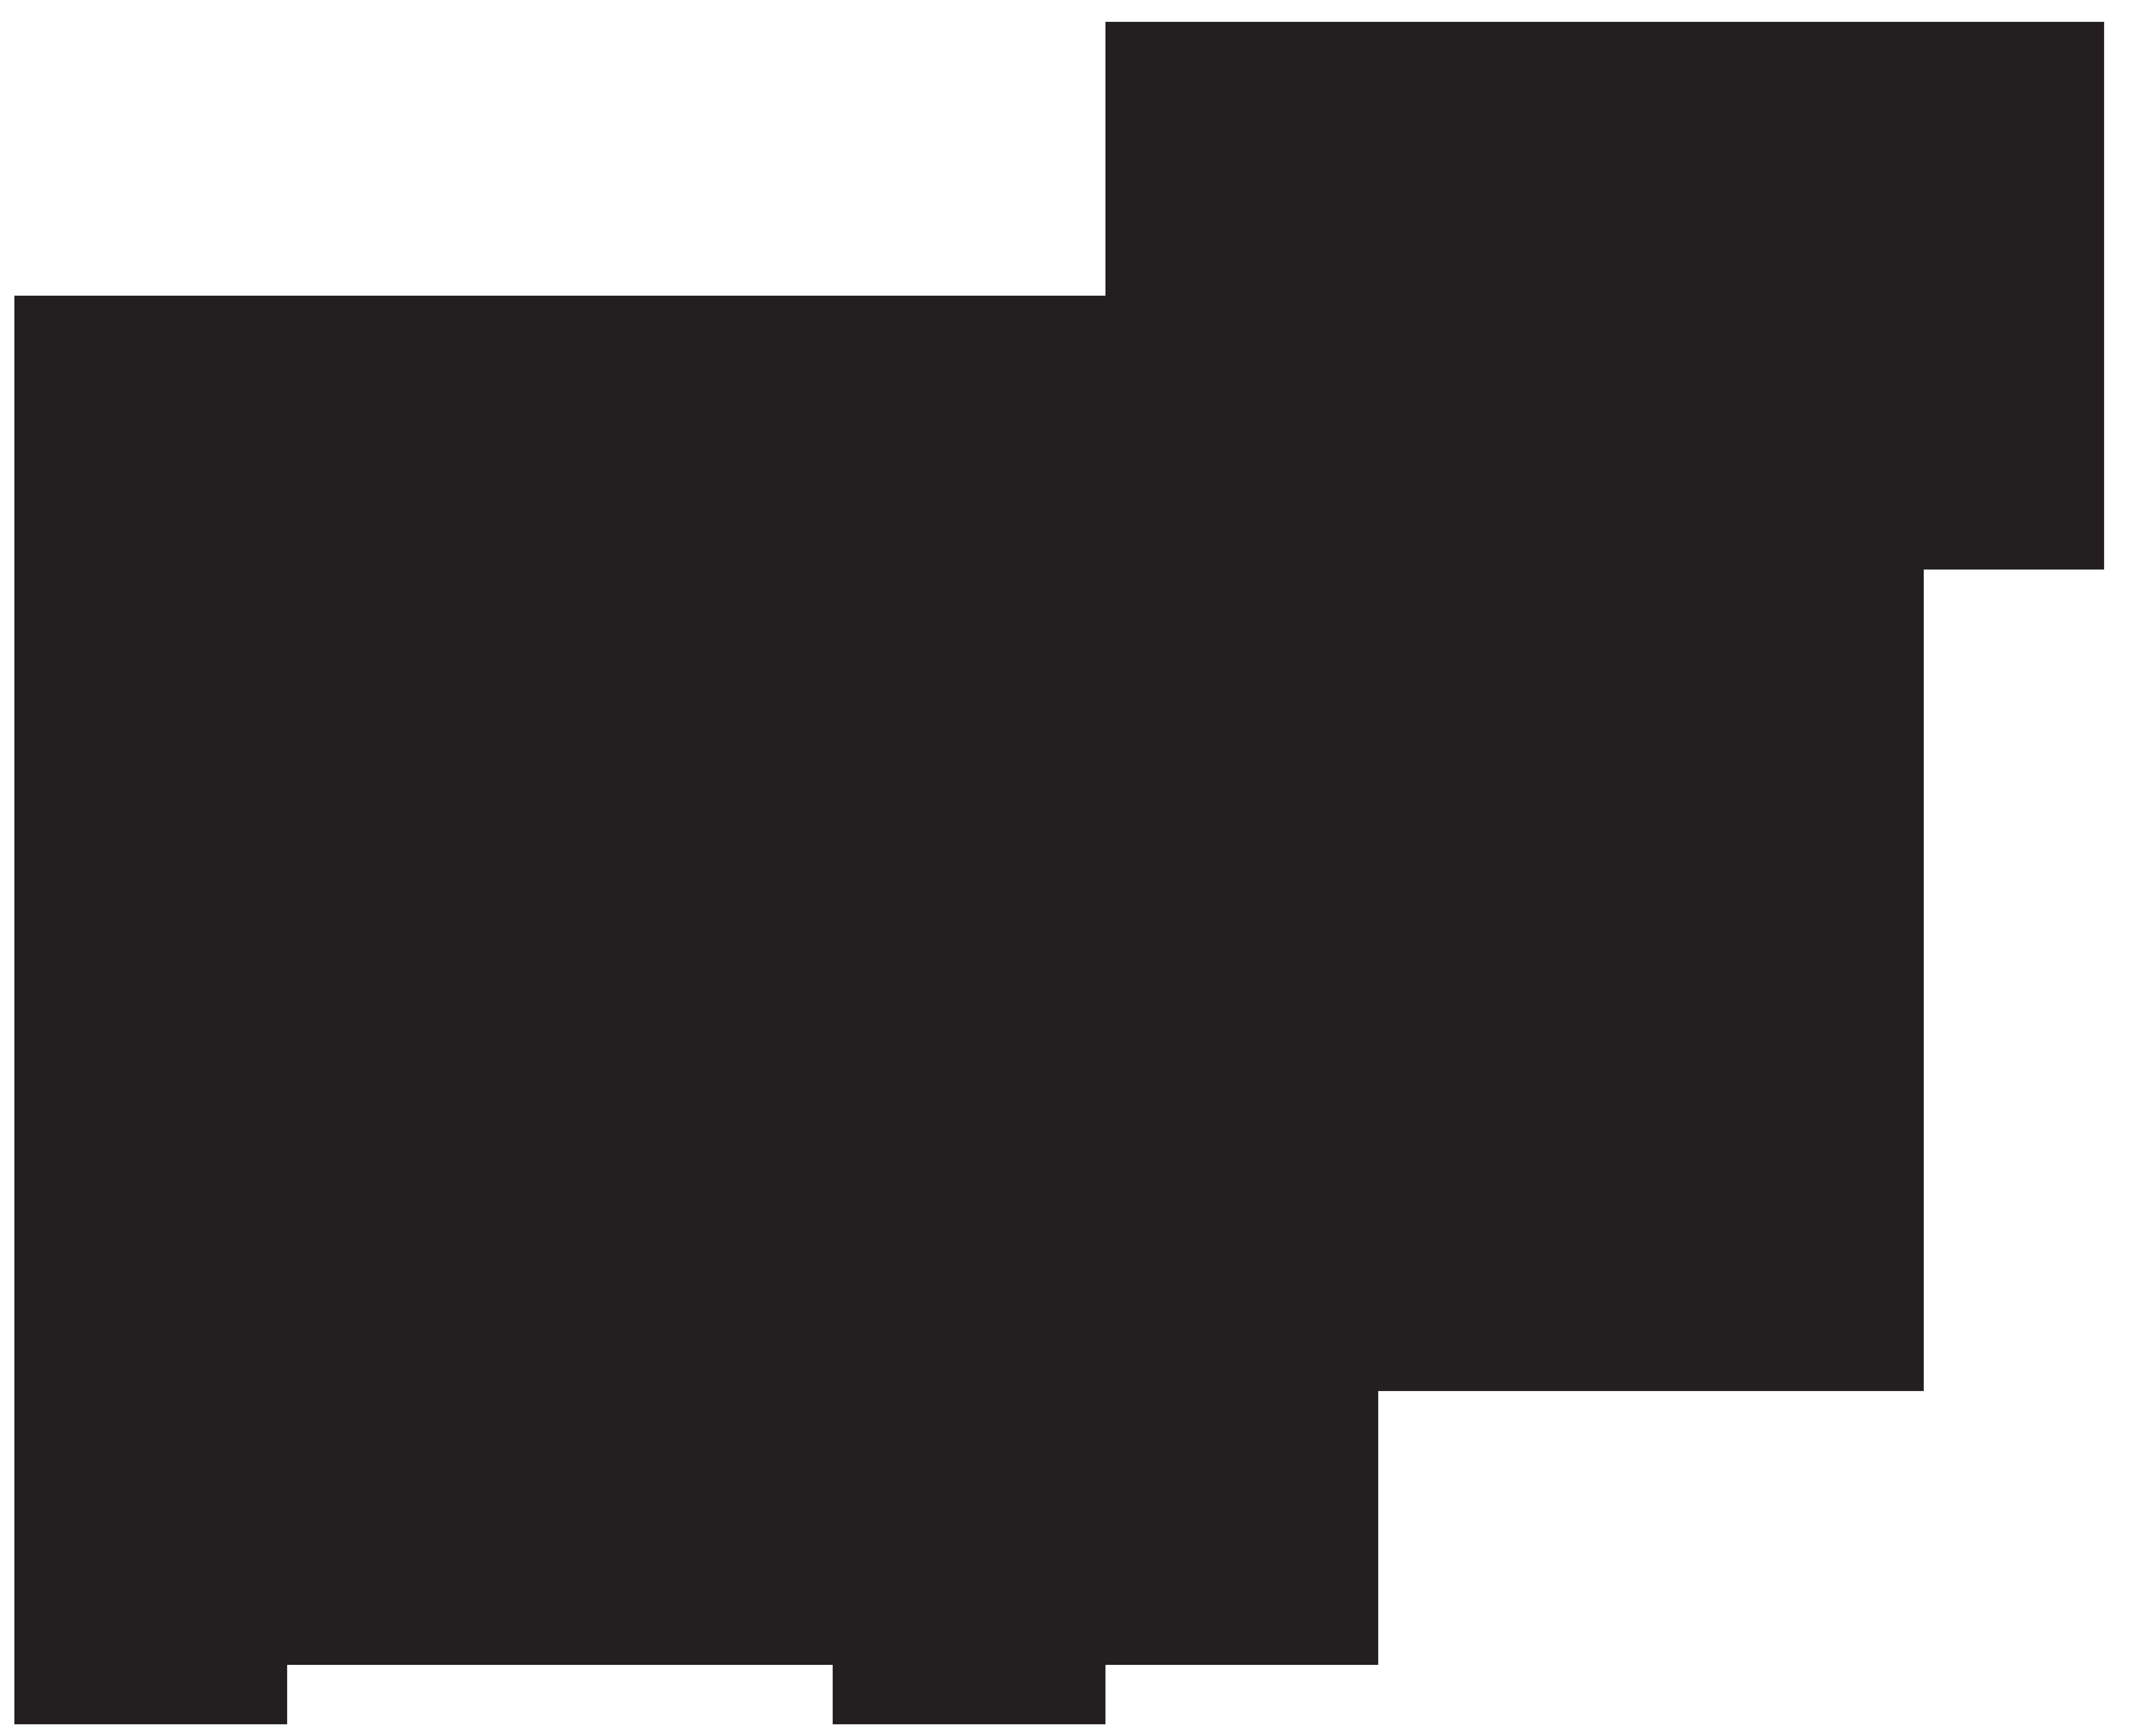 Deer Silhouette Png at GetDrawings.com | Free for personal use Deer ...